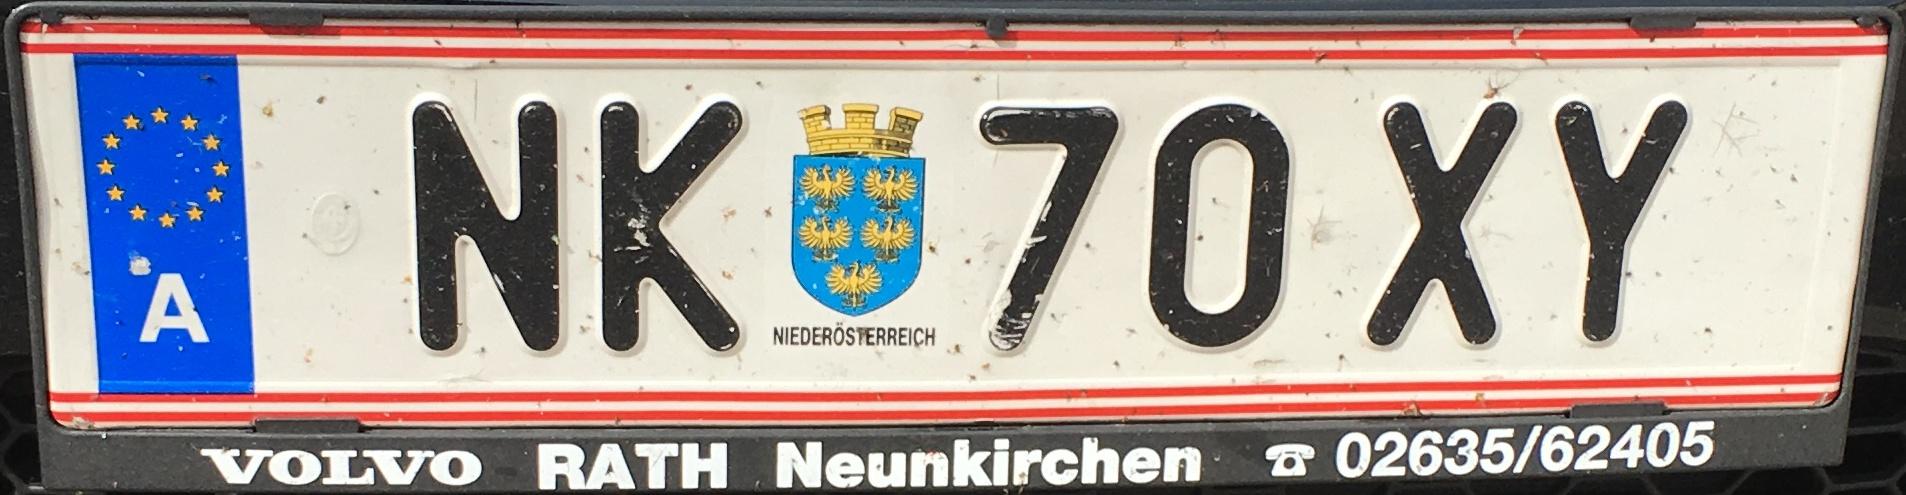 Registrační značka Rakousko - NK - Neunkirchen, foto: vlastní